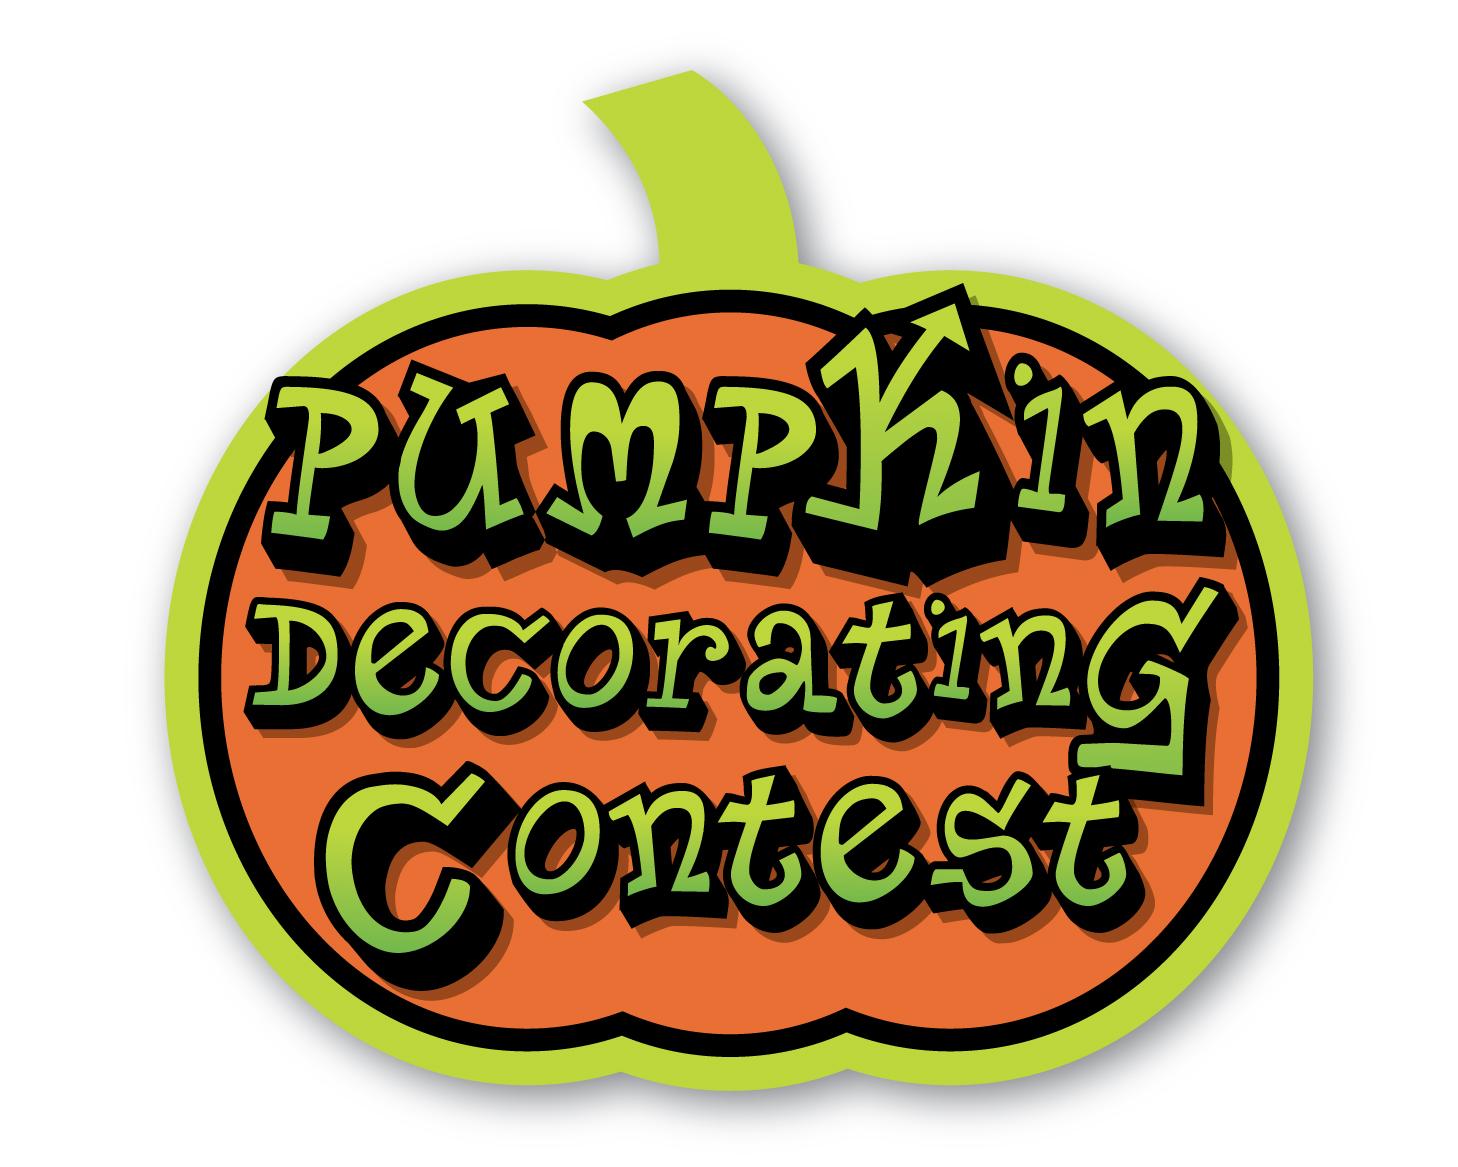 1458x1167 Pumpkin Decorating Contest Clipart